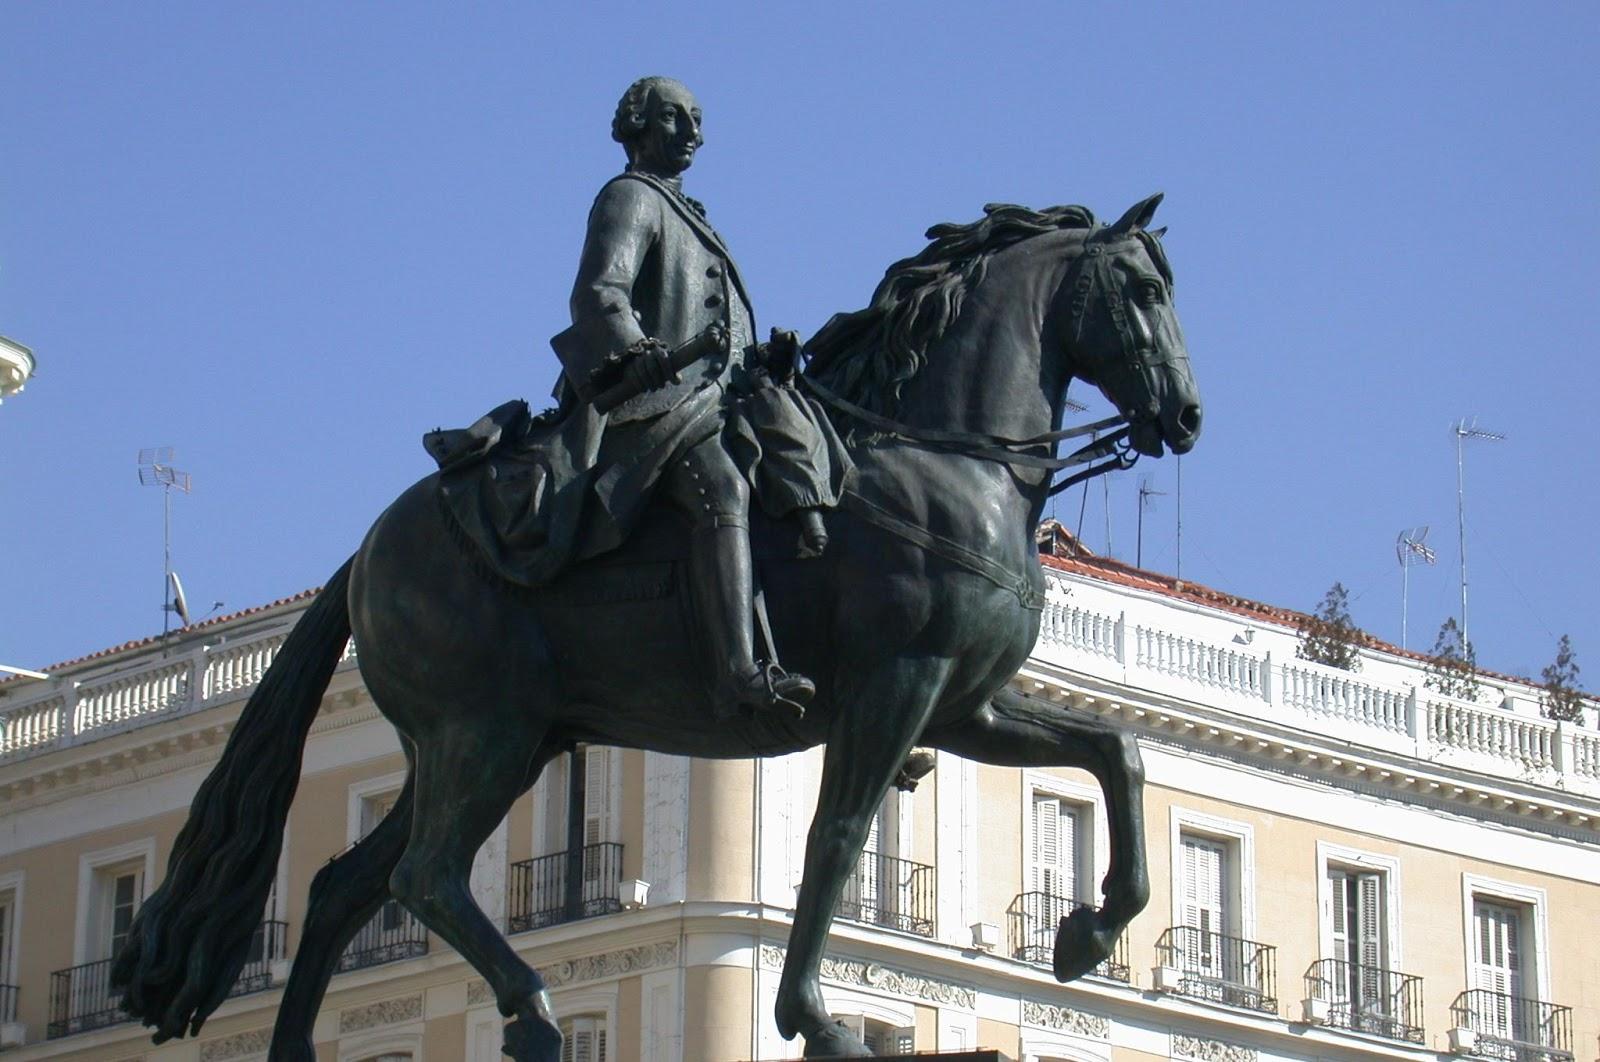 caminando por madrid la estatua ecuestre de carlos iii